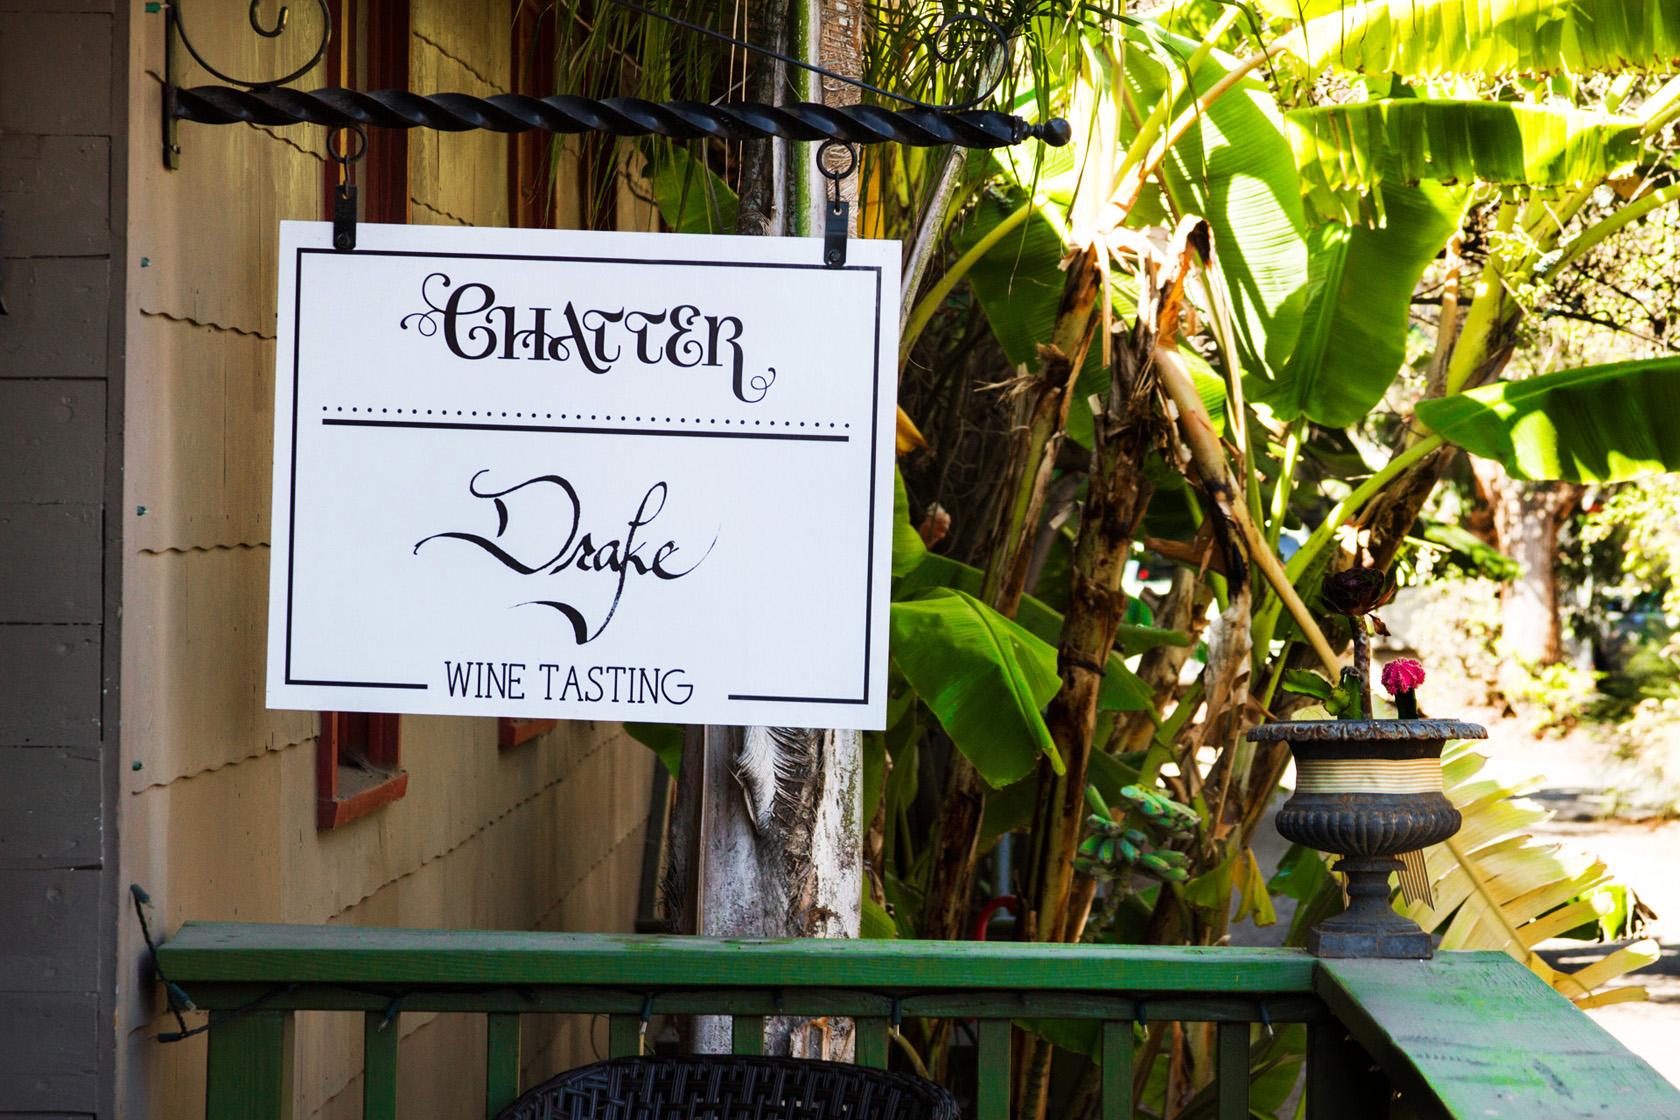 Drake Wines